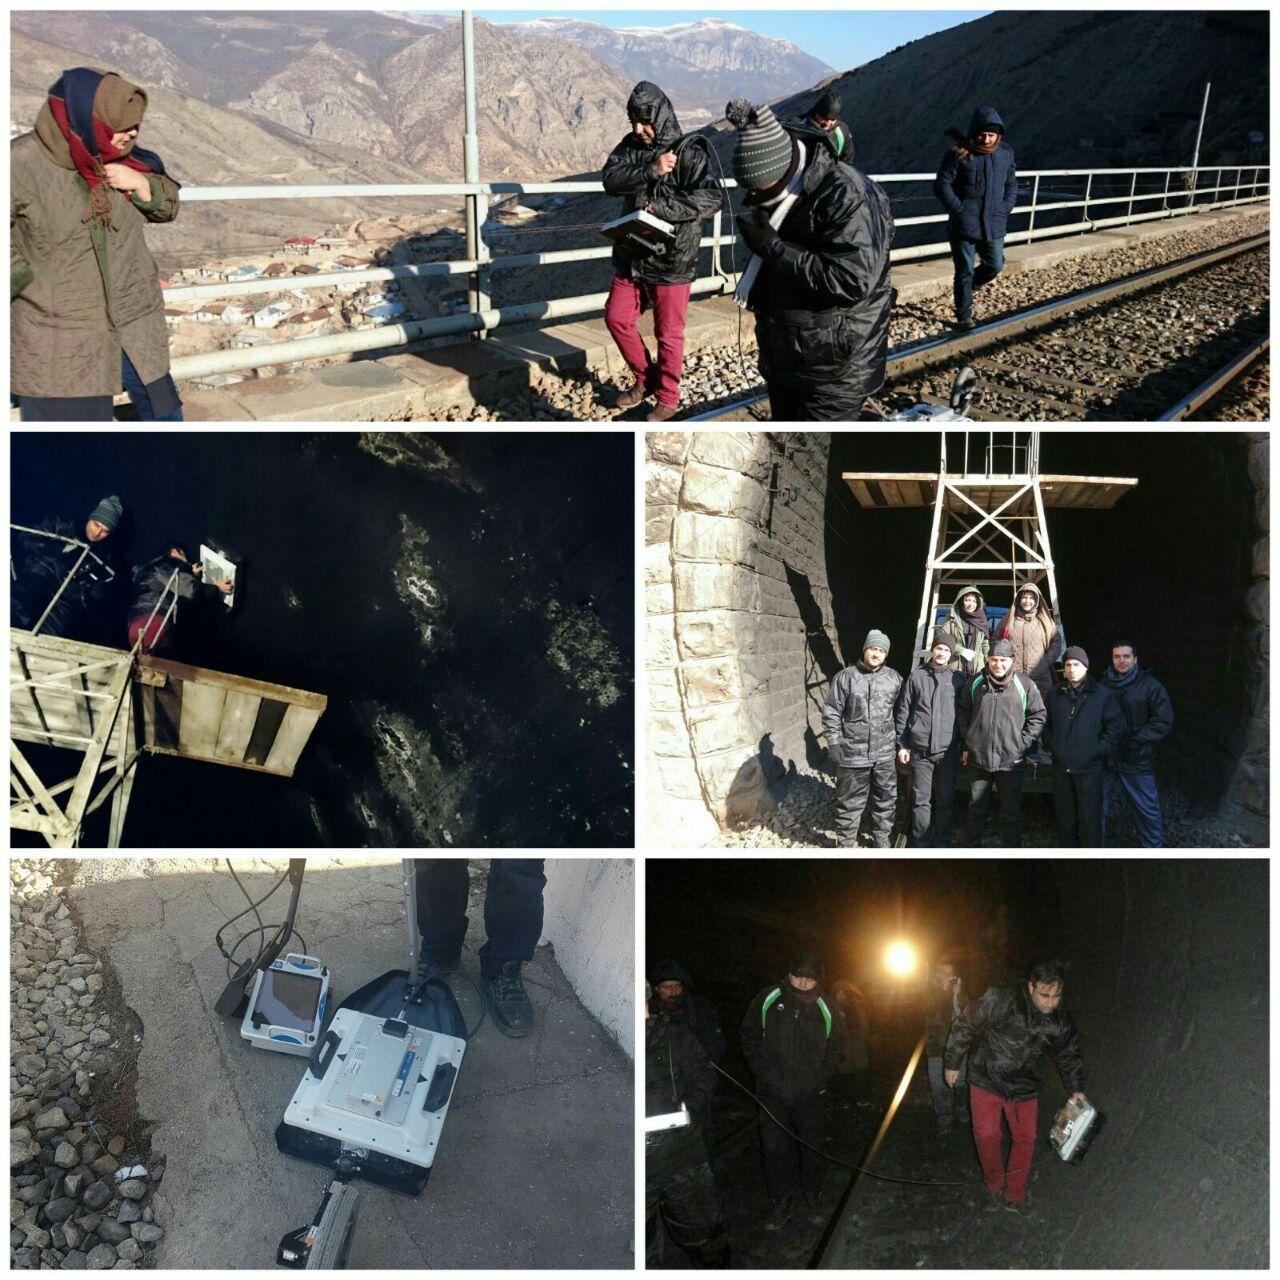 خلاصه گزارش مطالعات اکتشافی و برداشت میدانی دستگاه رادار نفوذی زمین (GPR)